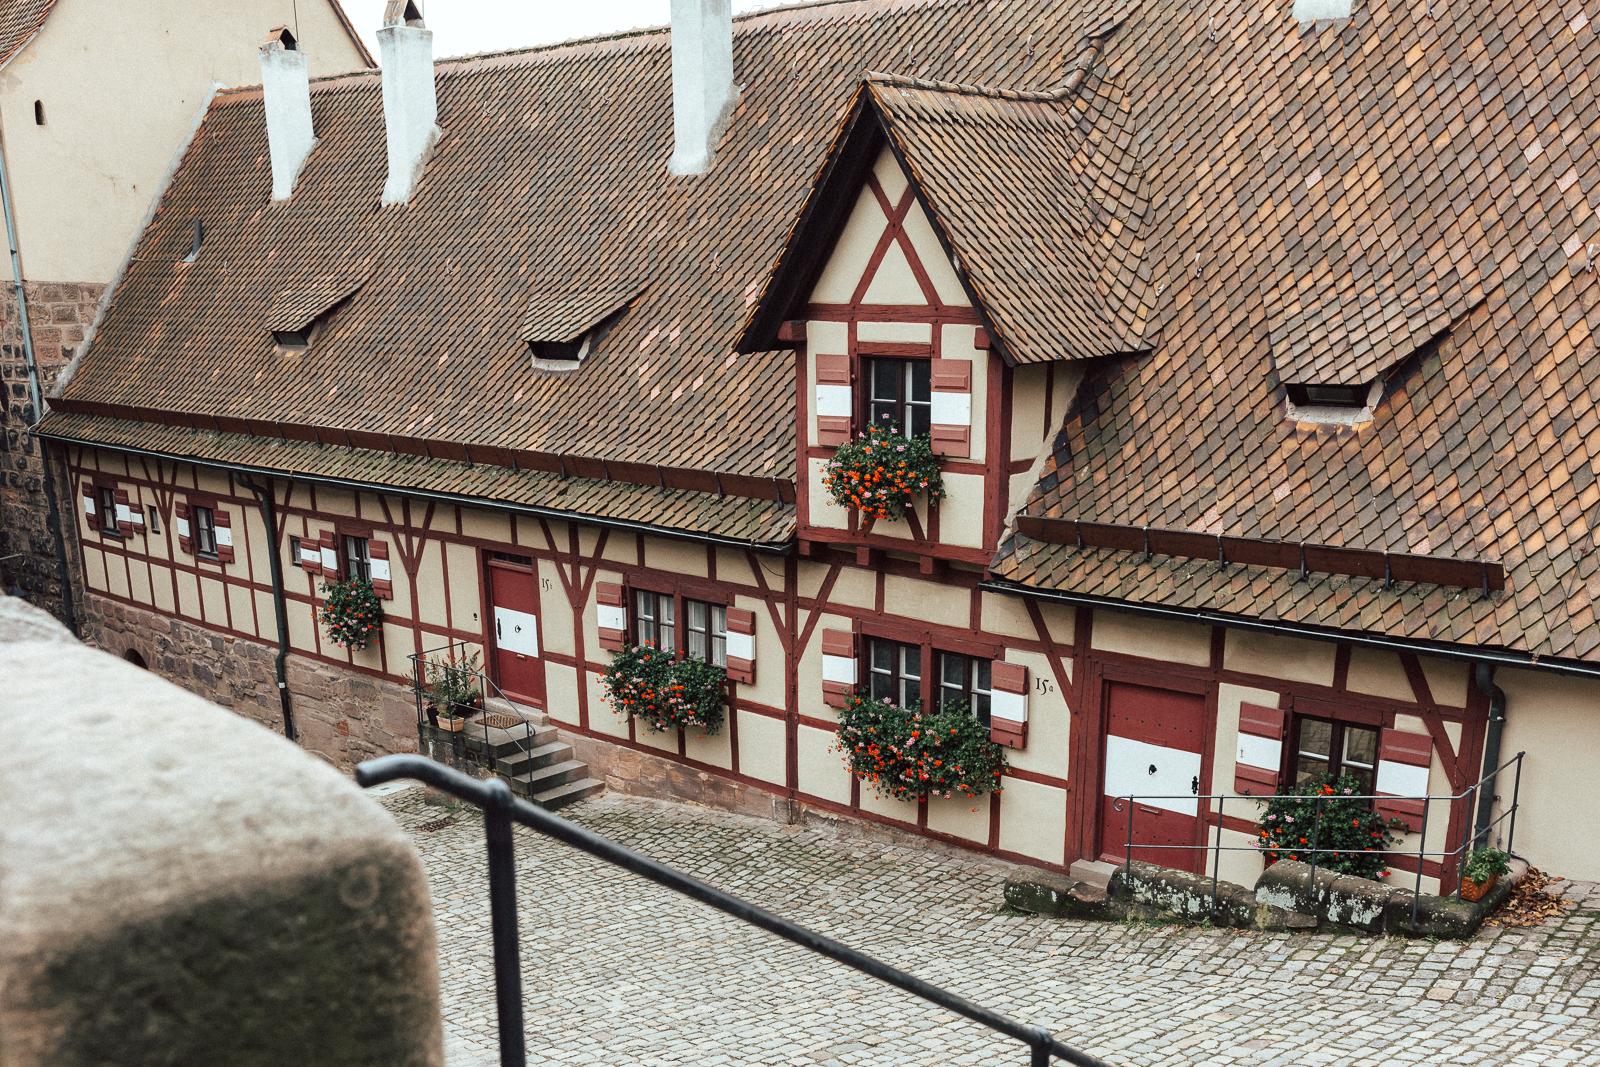 URBANERIE_Daniela_Goth_Fotografin_Nürnberg_Fürth_Erlangen_Schwabach_171110_001_0055